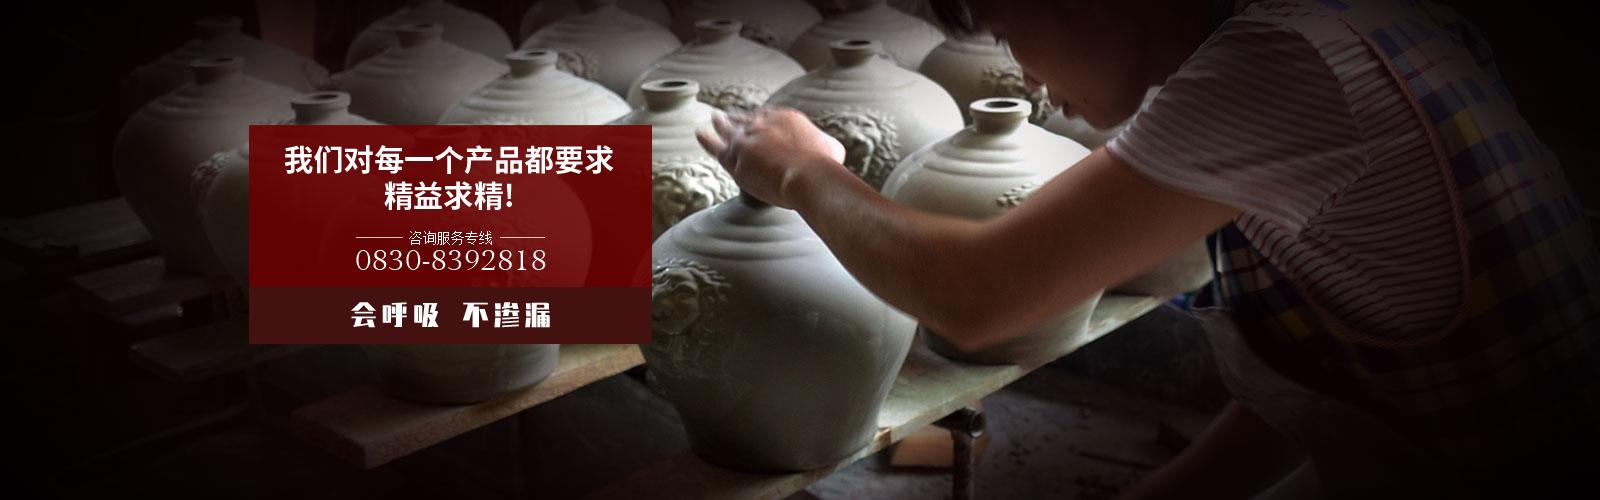 陶瓷酒瓶厂家